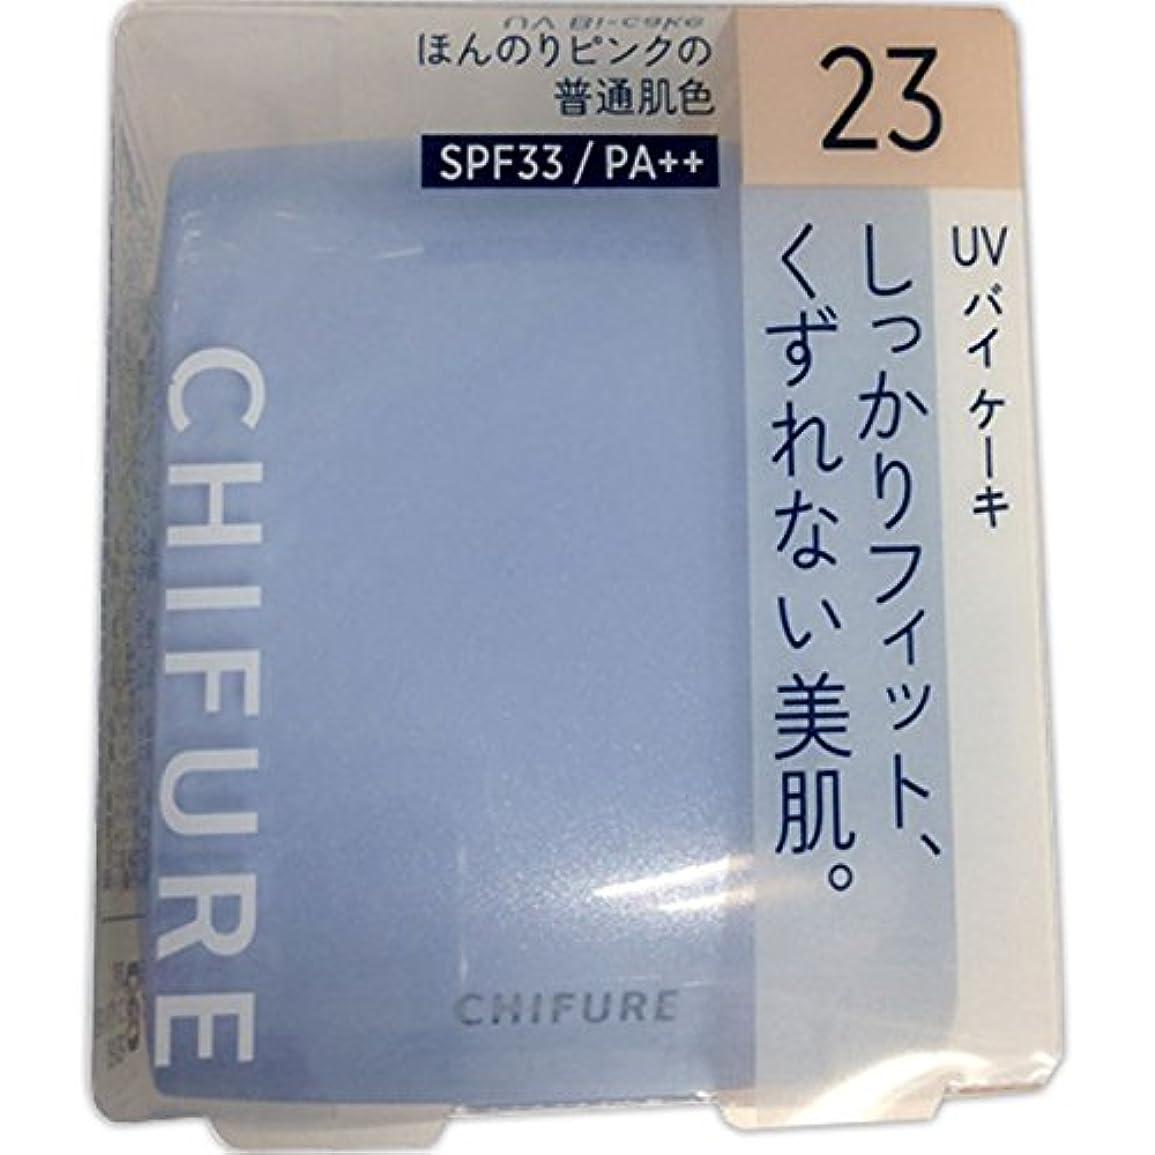 比較デモンストレーションスケルトンUV バイ ケーキ(スポンジ入り) 23 ほんのりピンク普通肌色 14g